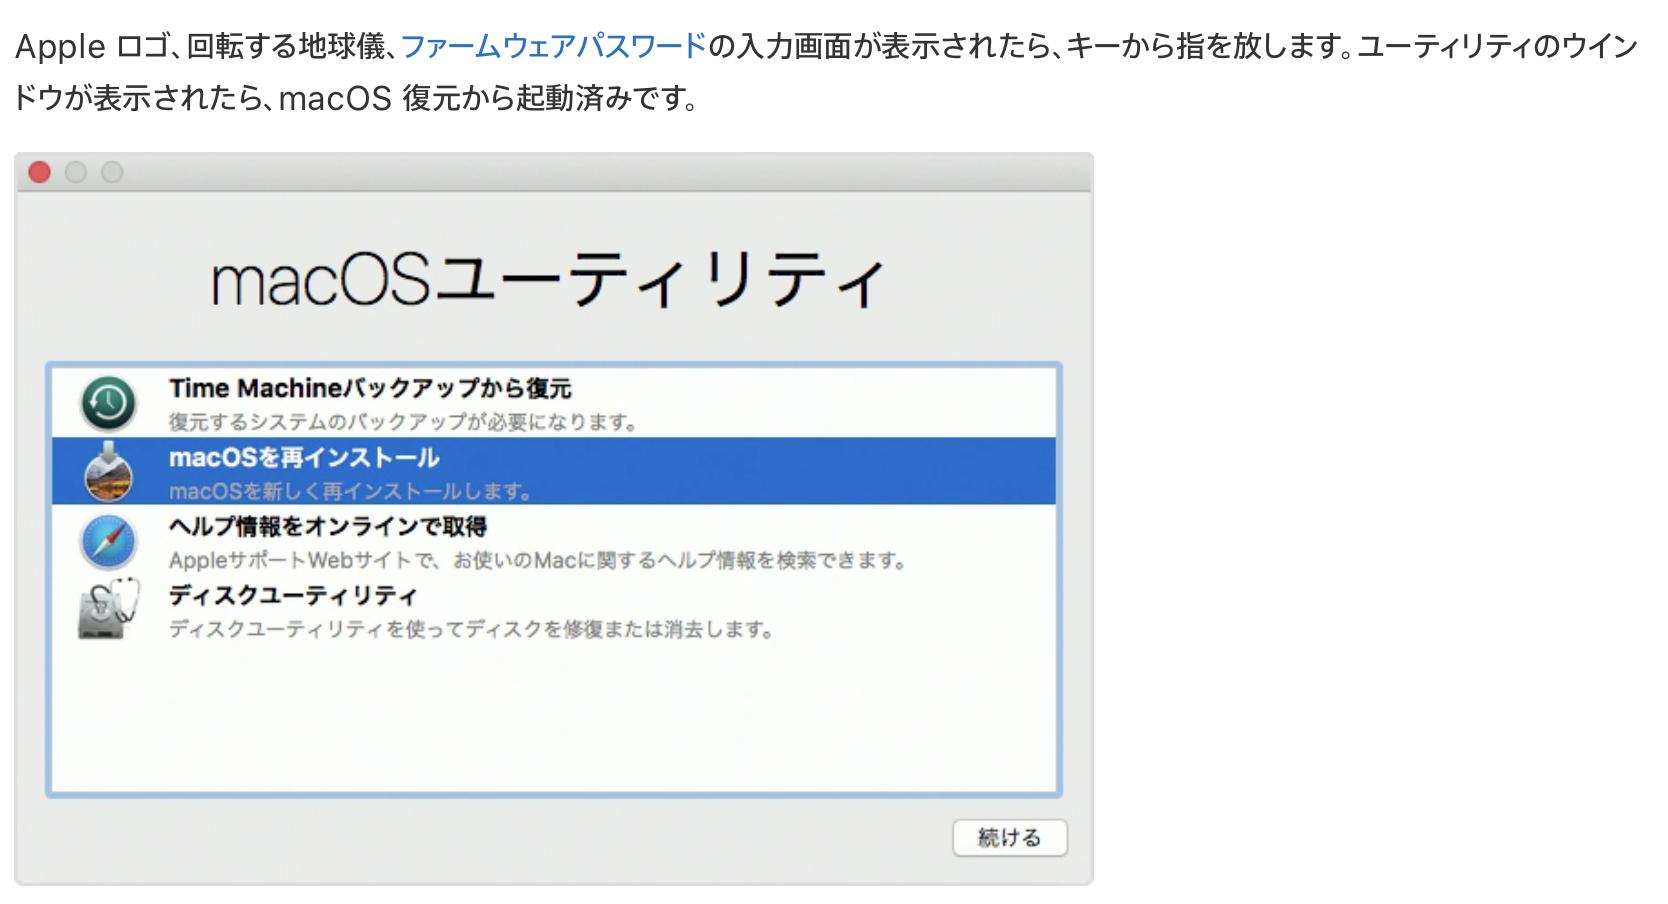 macOS Mojave 10.14.2 アップデート終わらない